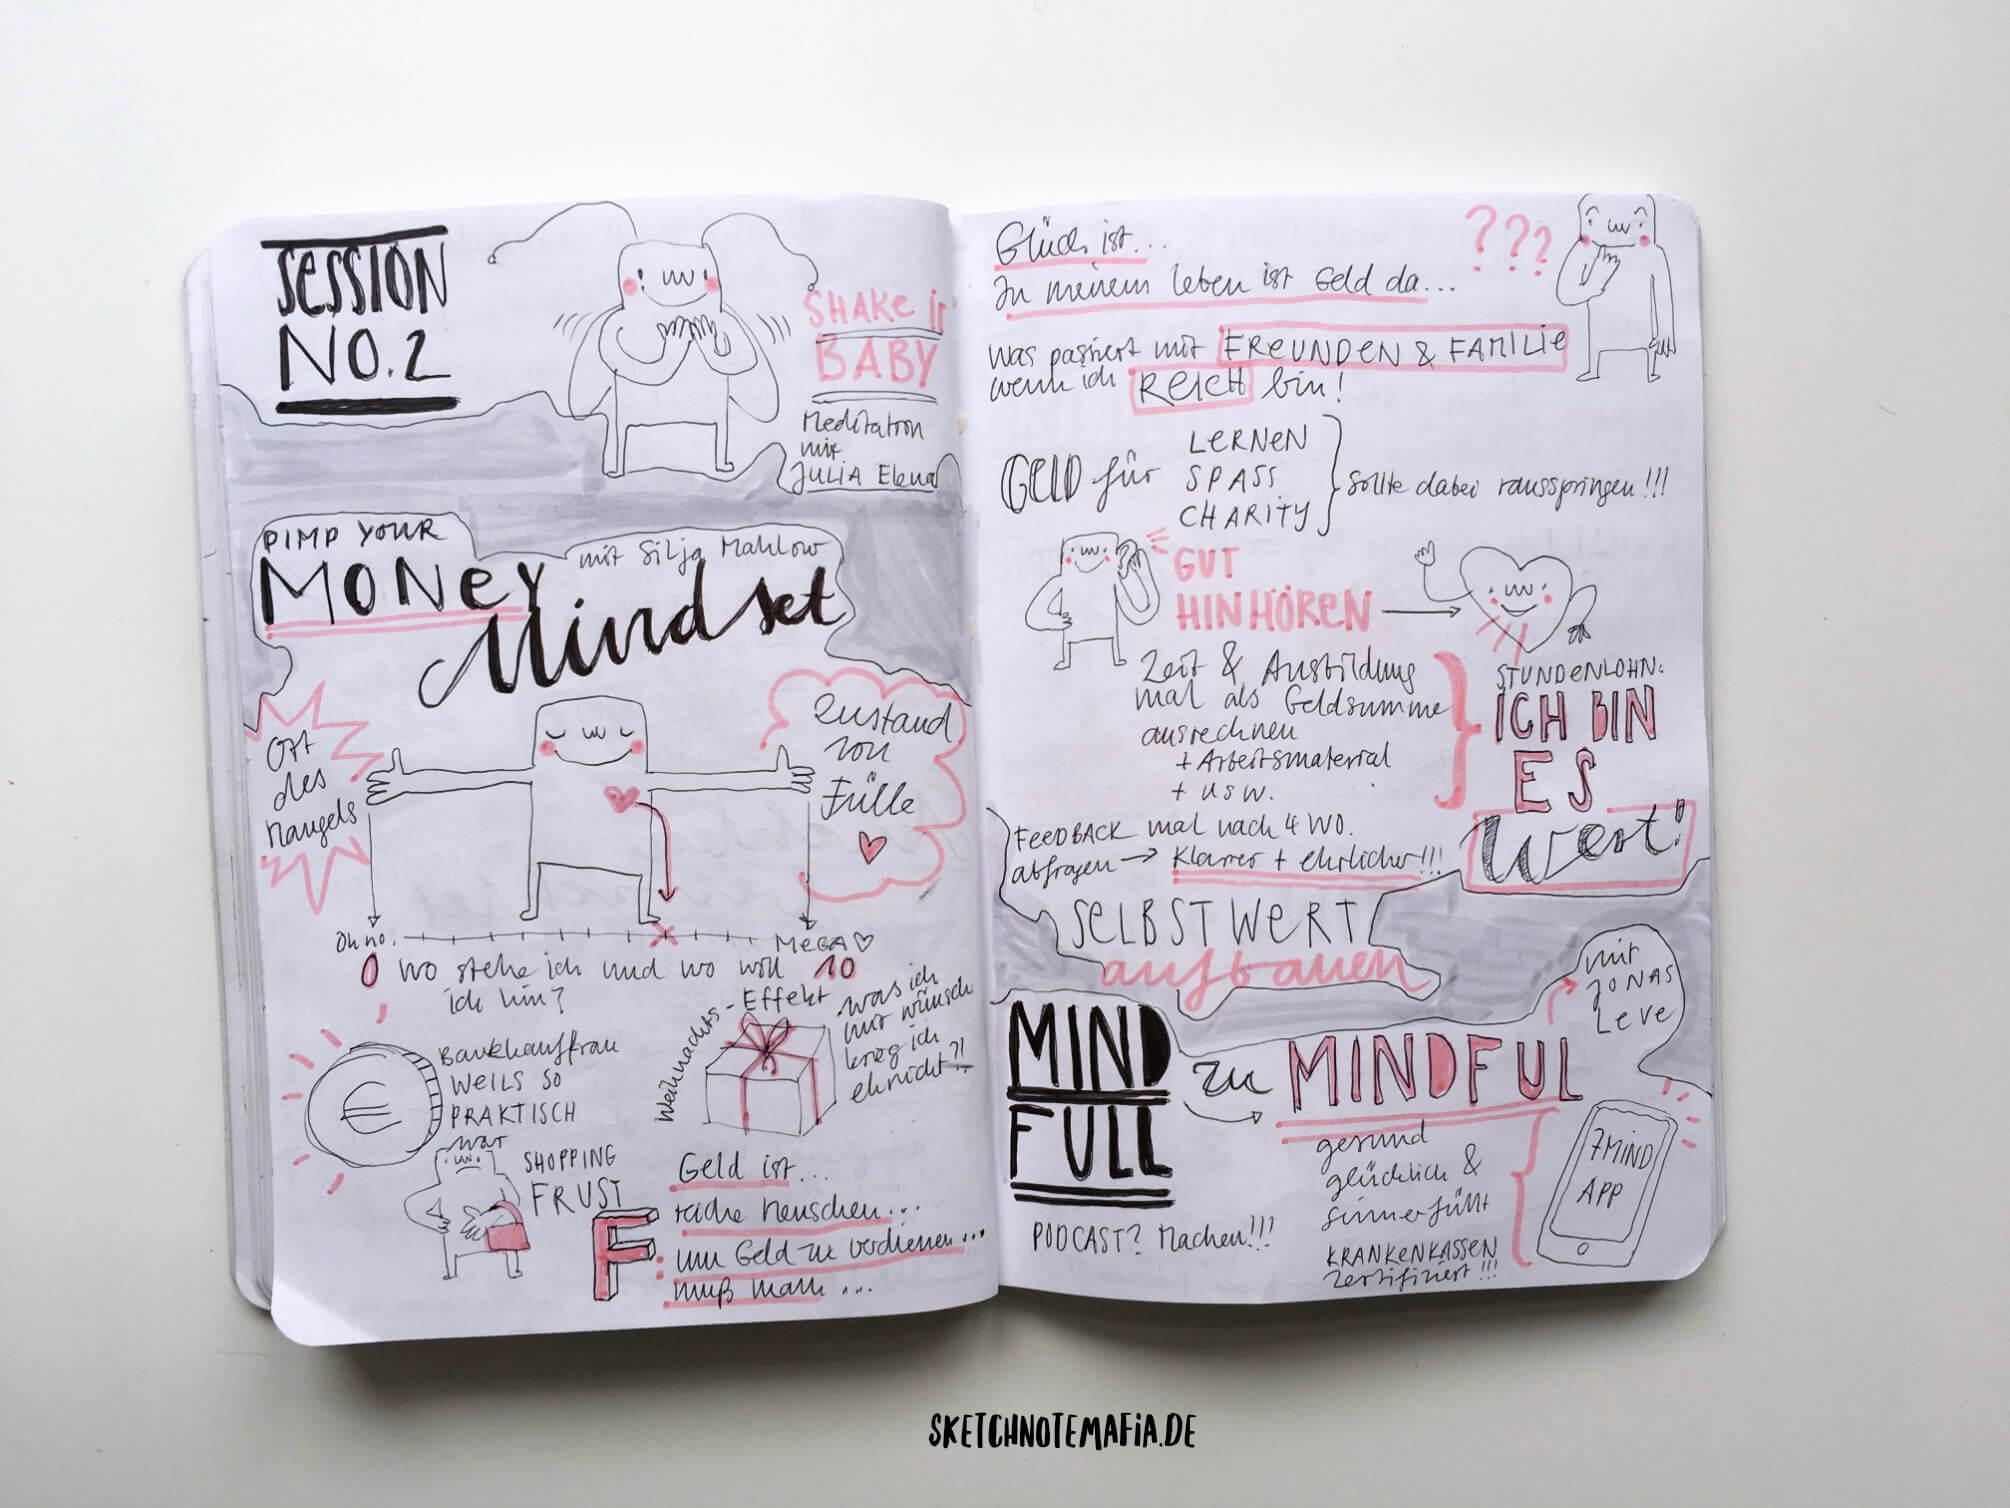 Mindful Blogging Conference - Money Mindset